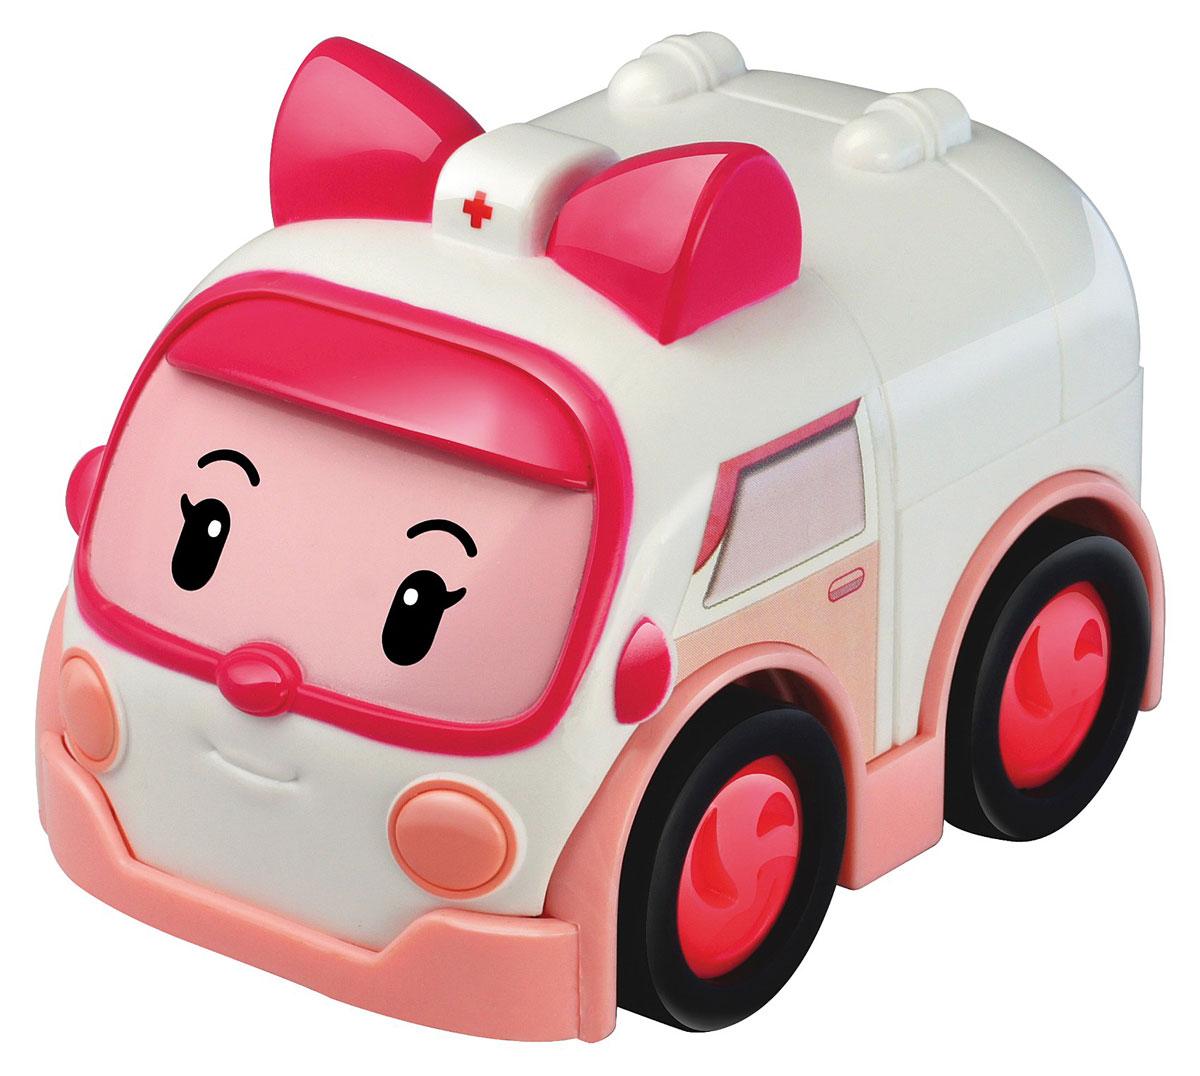 Robocar Poli Машинка инерционная Эмбер83182Яркая машинка Poli Эмбер непременно понравится вашему малышу. Она выполнена из прочного материала в виде Эмбер - персонажа популярного мультсериала Robocar Poli. Машинка оснащена инерционным механизмом. Стоит откатить игрушку назад, слегка надавив на крышу, затем отпустить - и Эмбер быстро поедет вперед. Благодаря небольшому размеру ребенок сможет машинку с собой на прогулку, в поездку или в гости. Порадуйте своего малыша таким замечательным подарком!